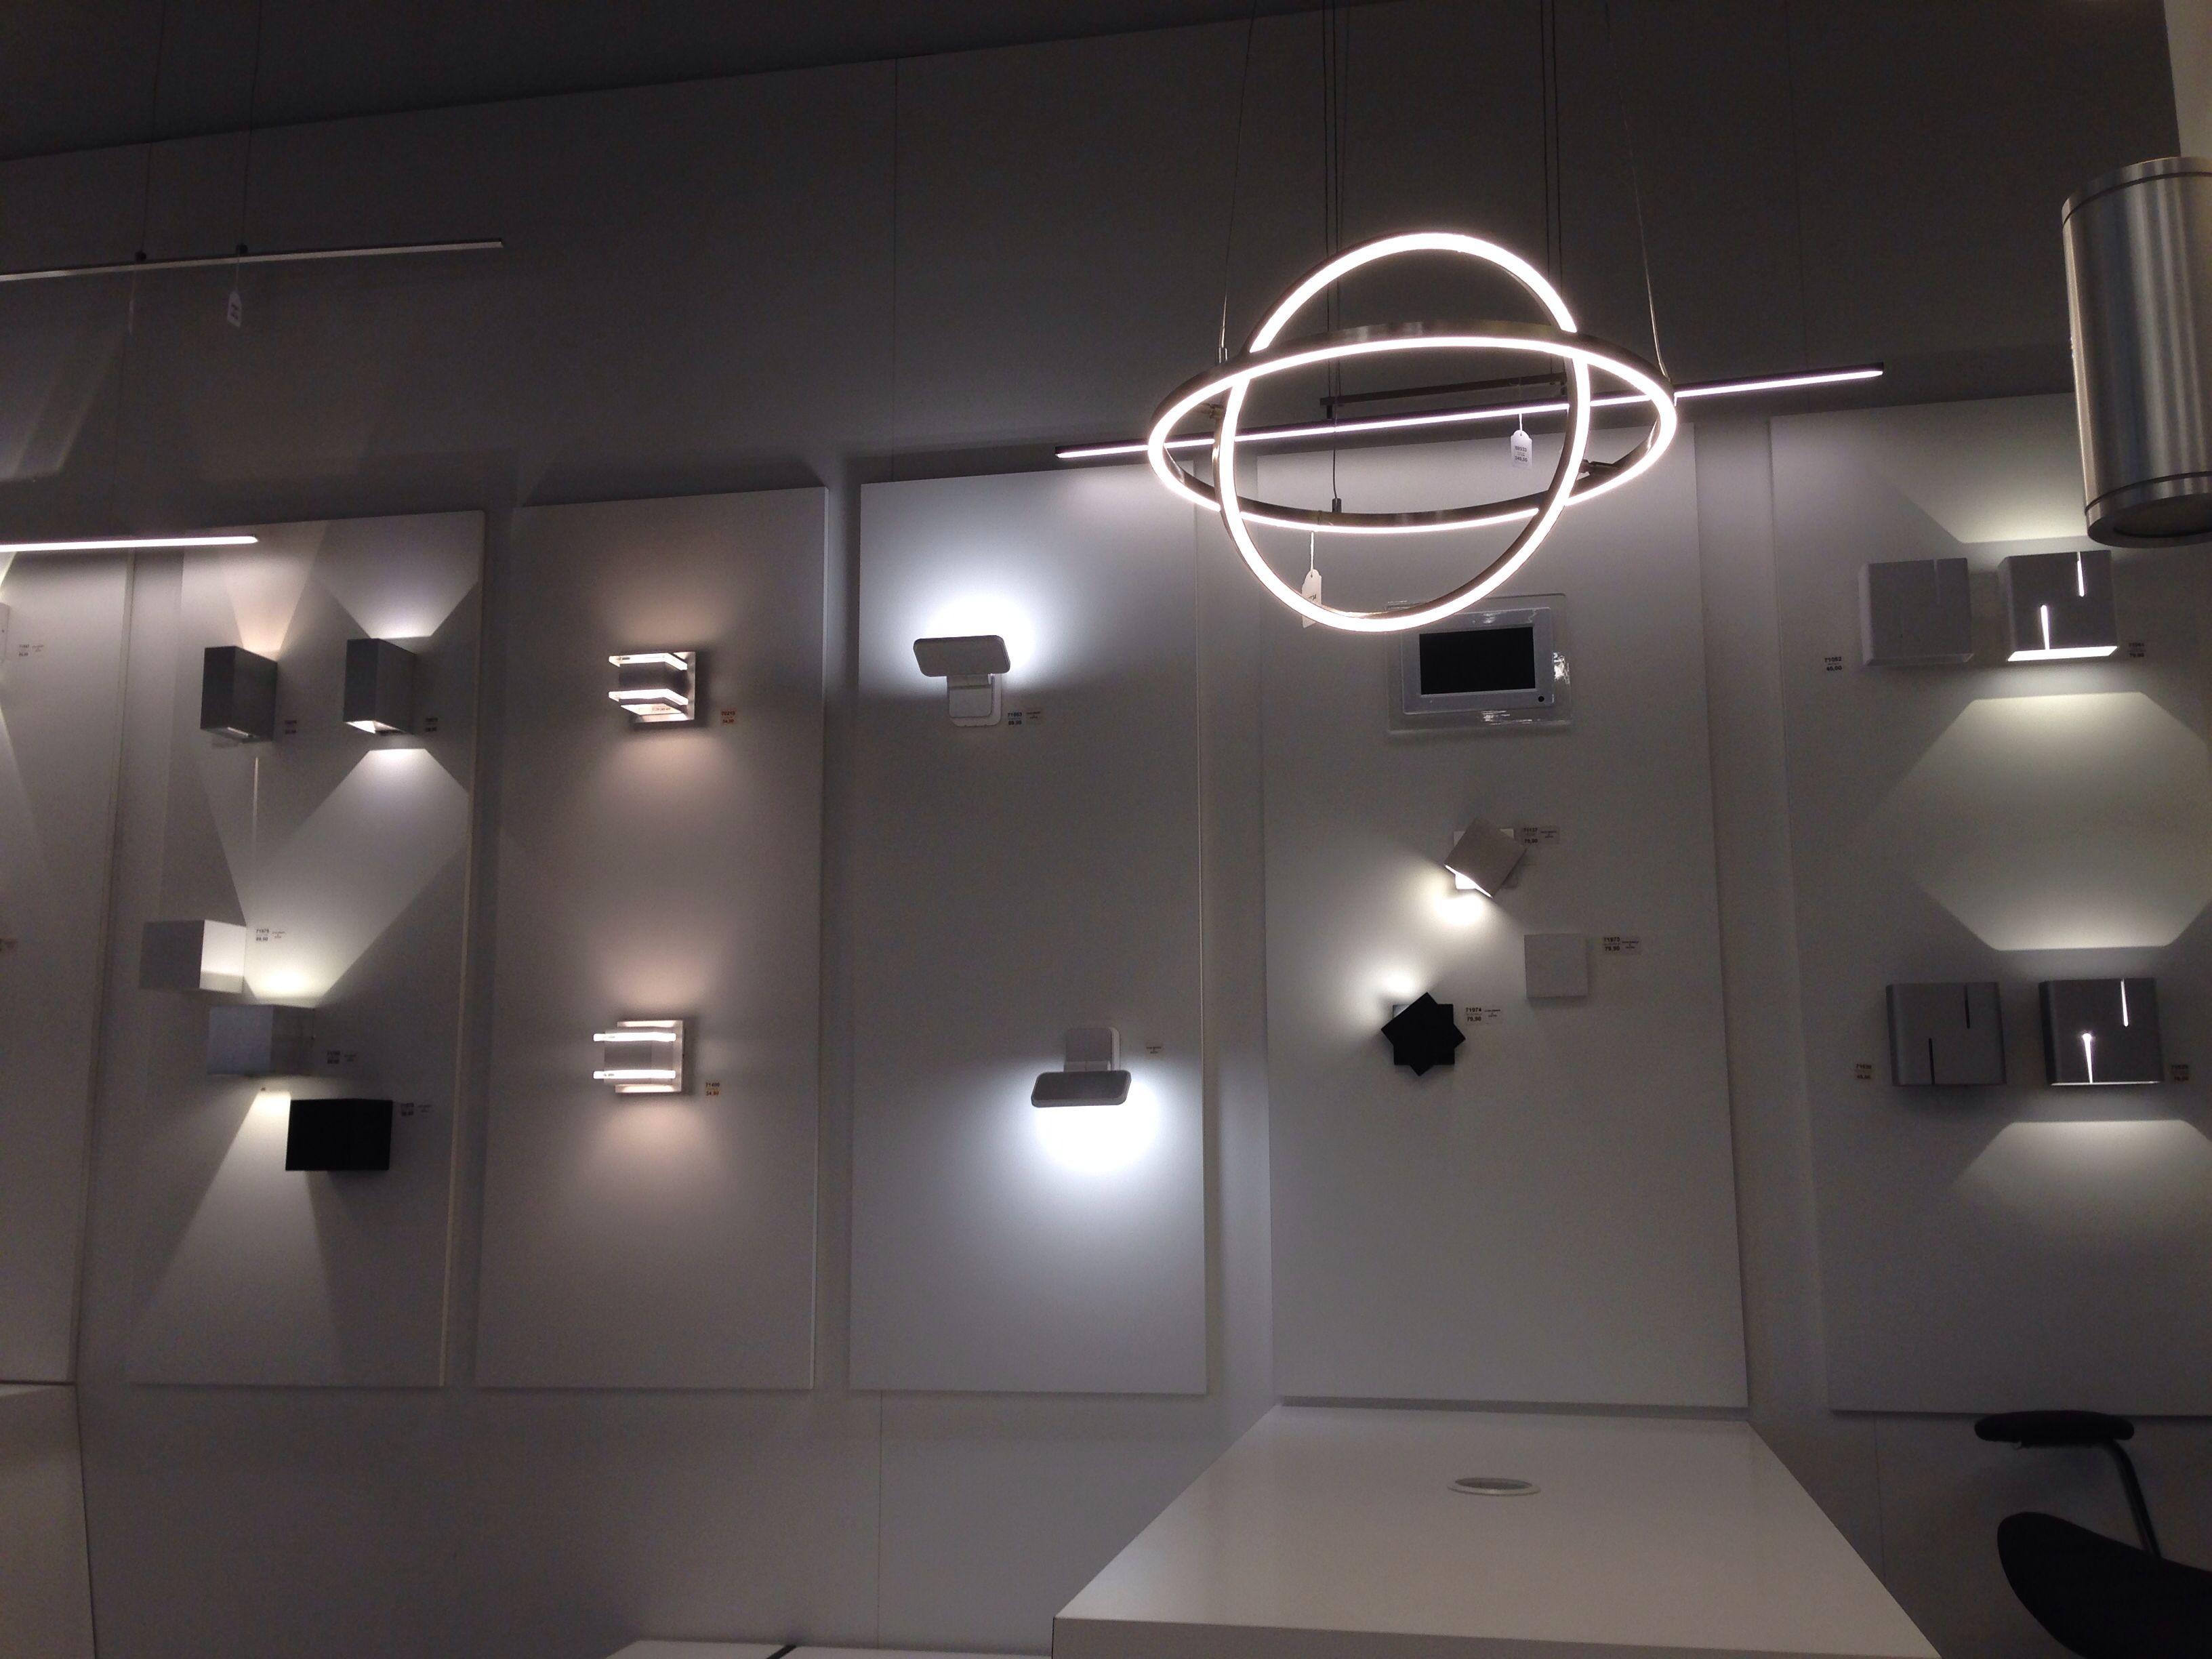 Showroom winkel . Huis decoratie verlichting : Led design hanglamp ...